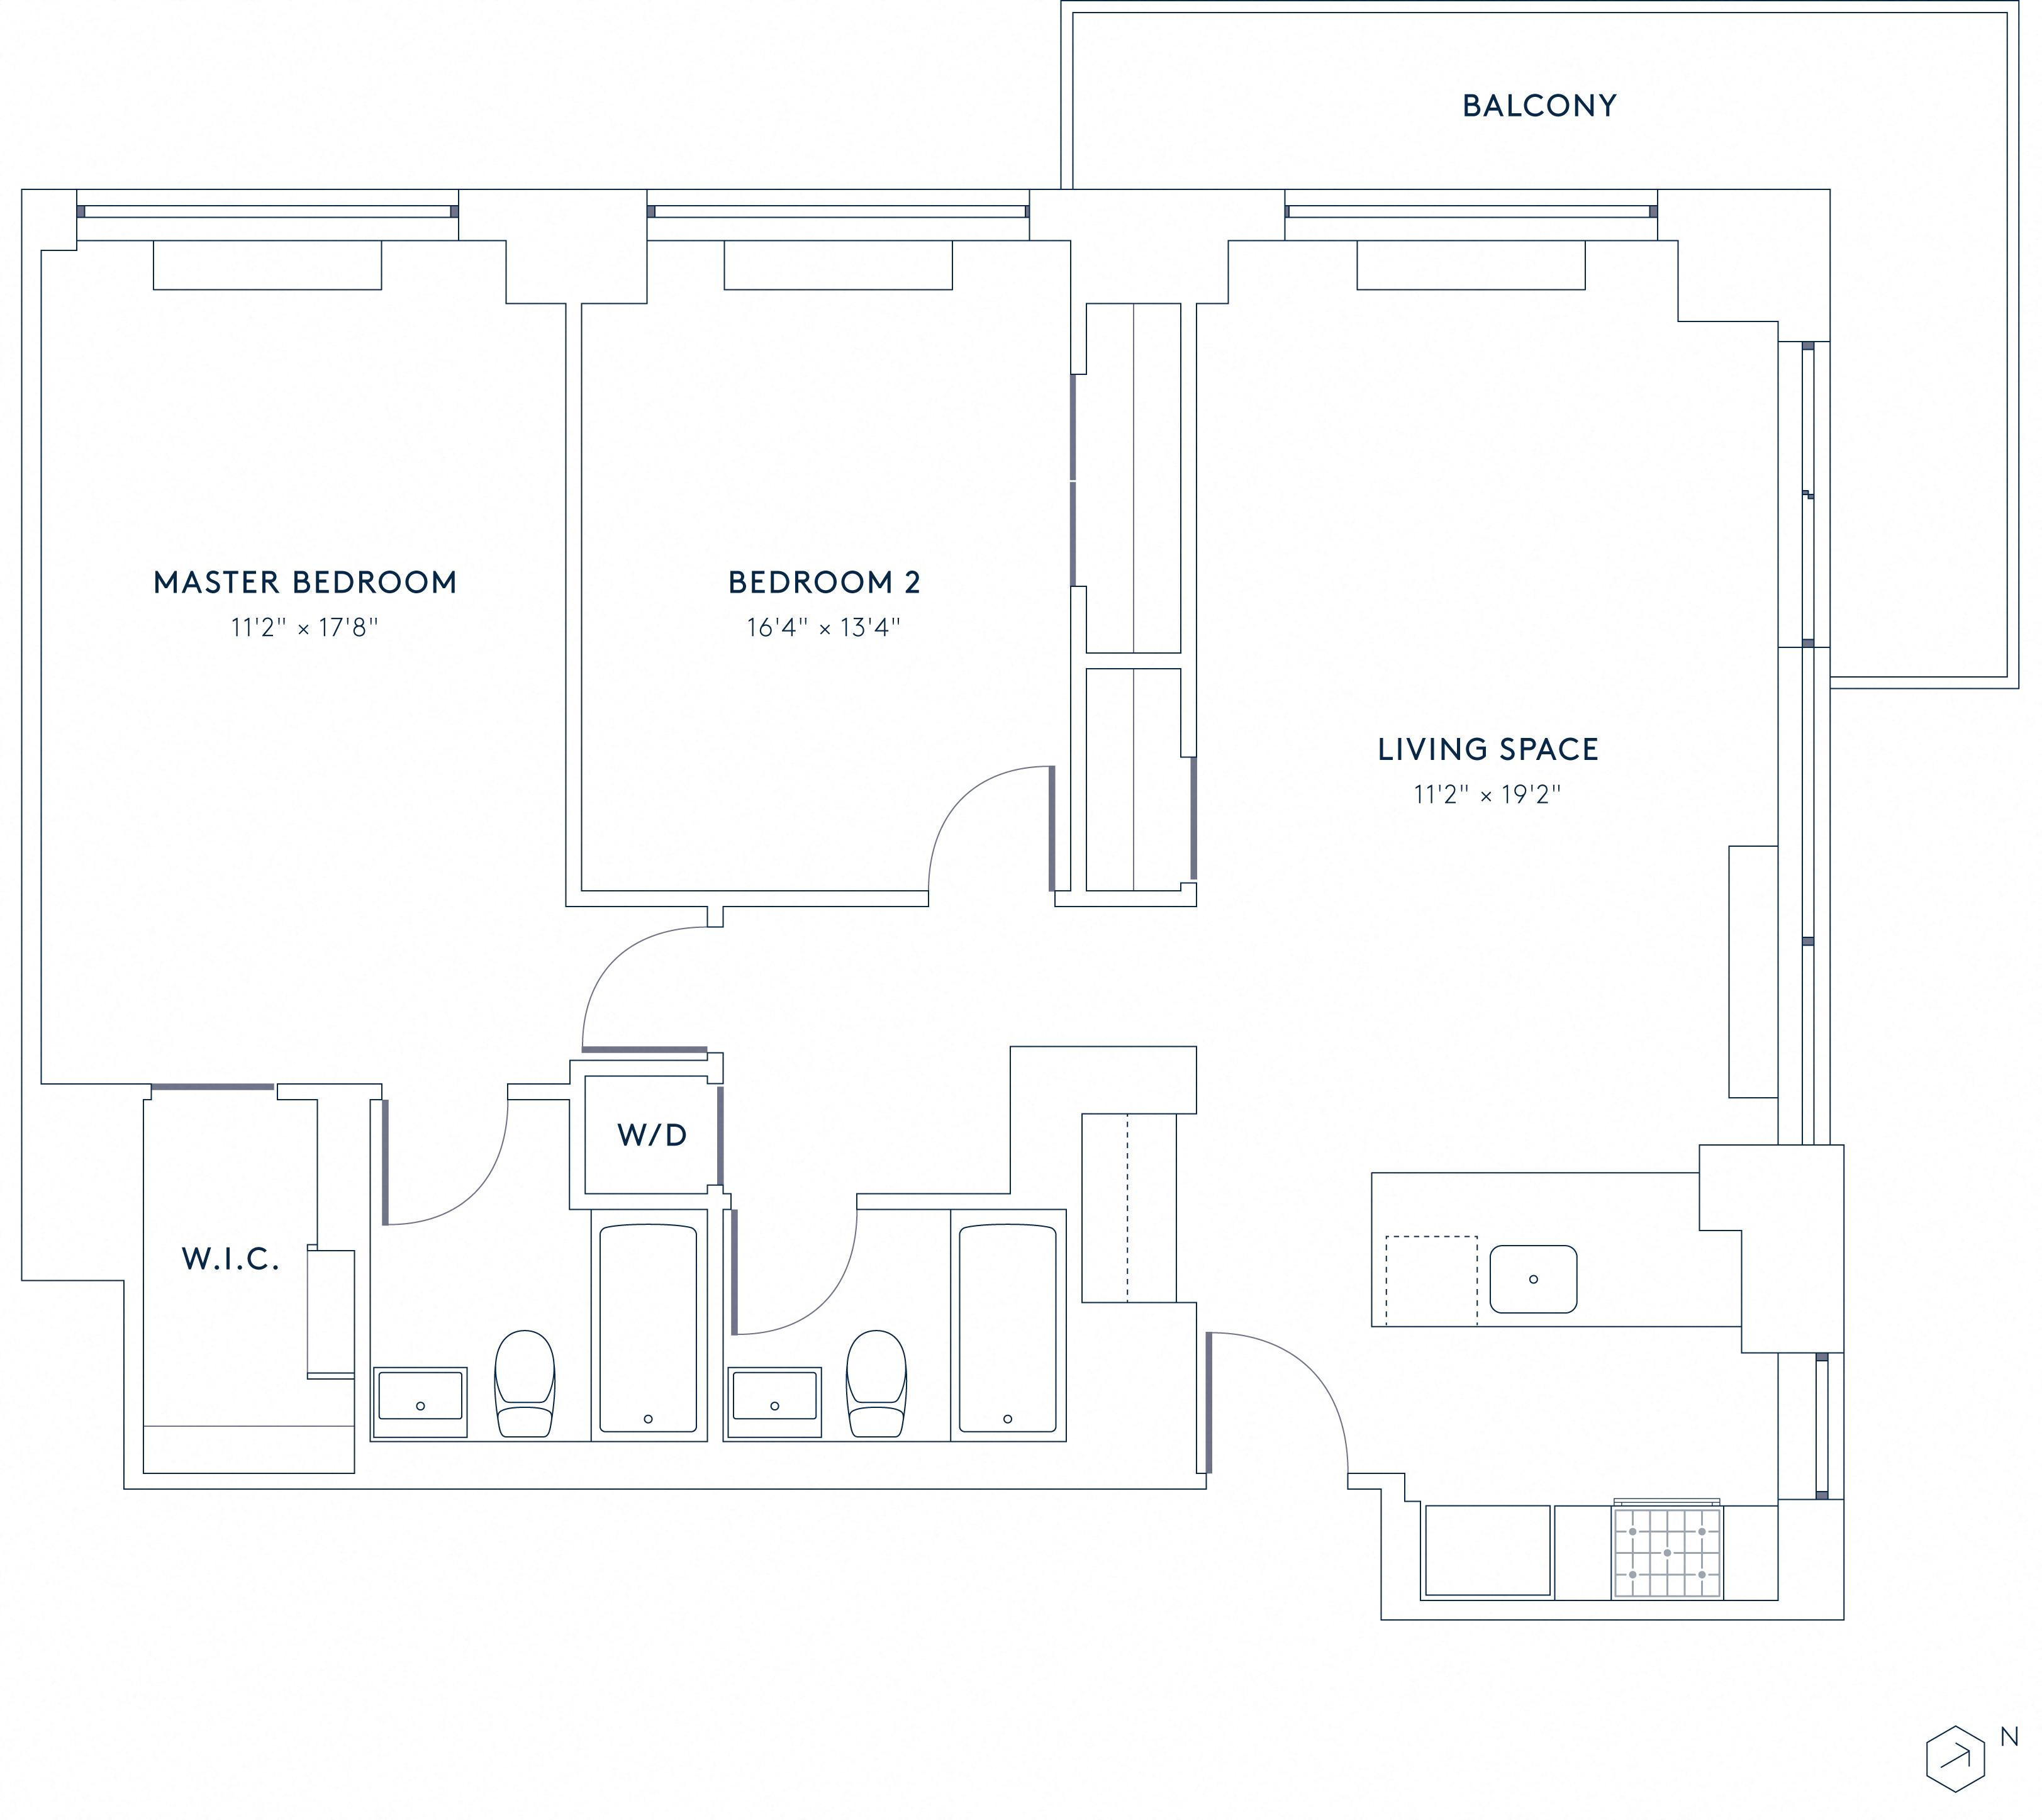 P0626485 b06 2 floorplan